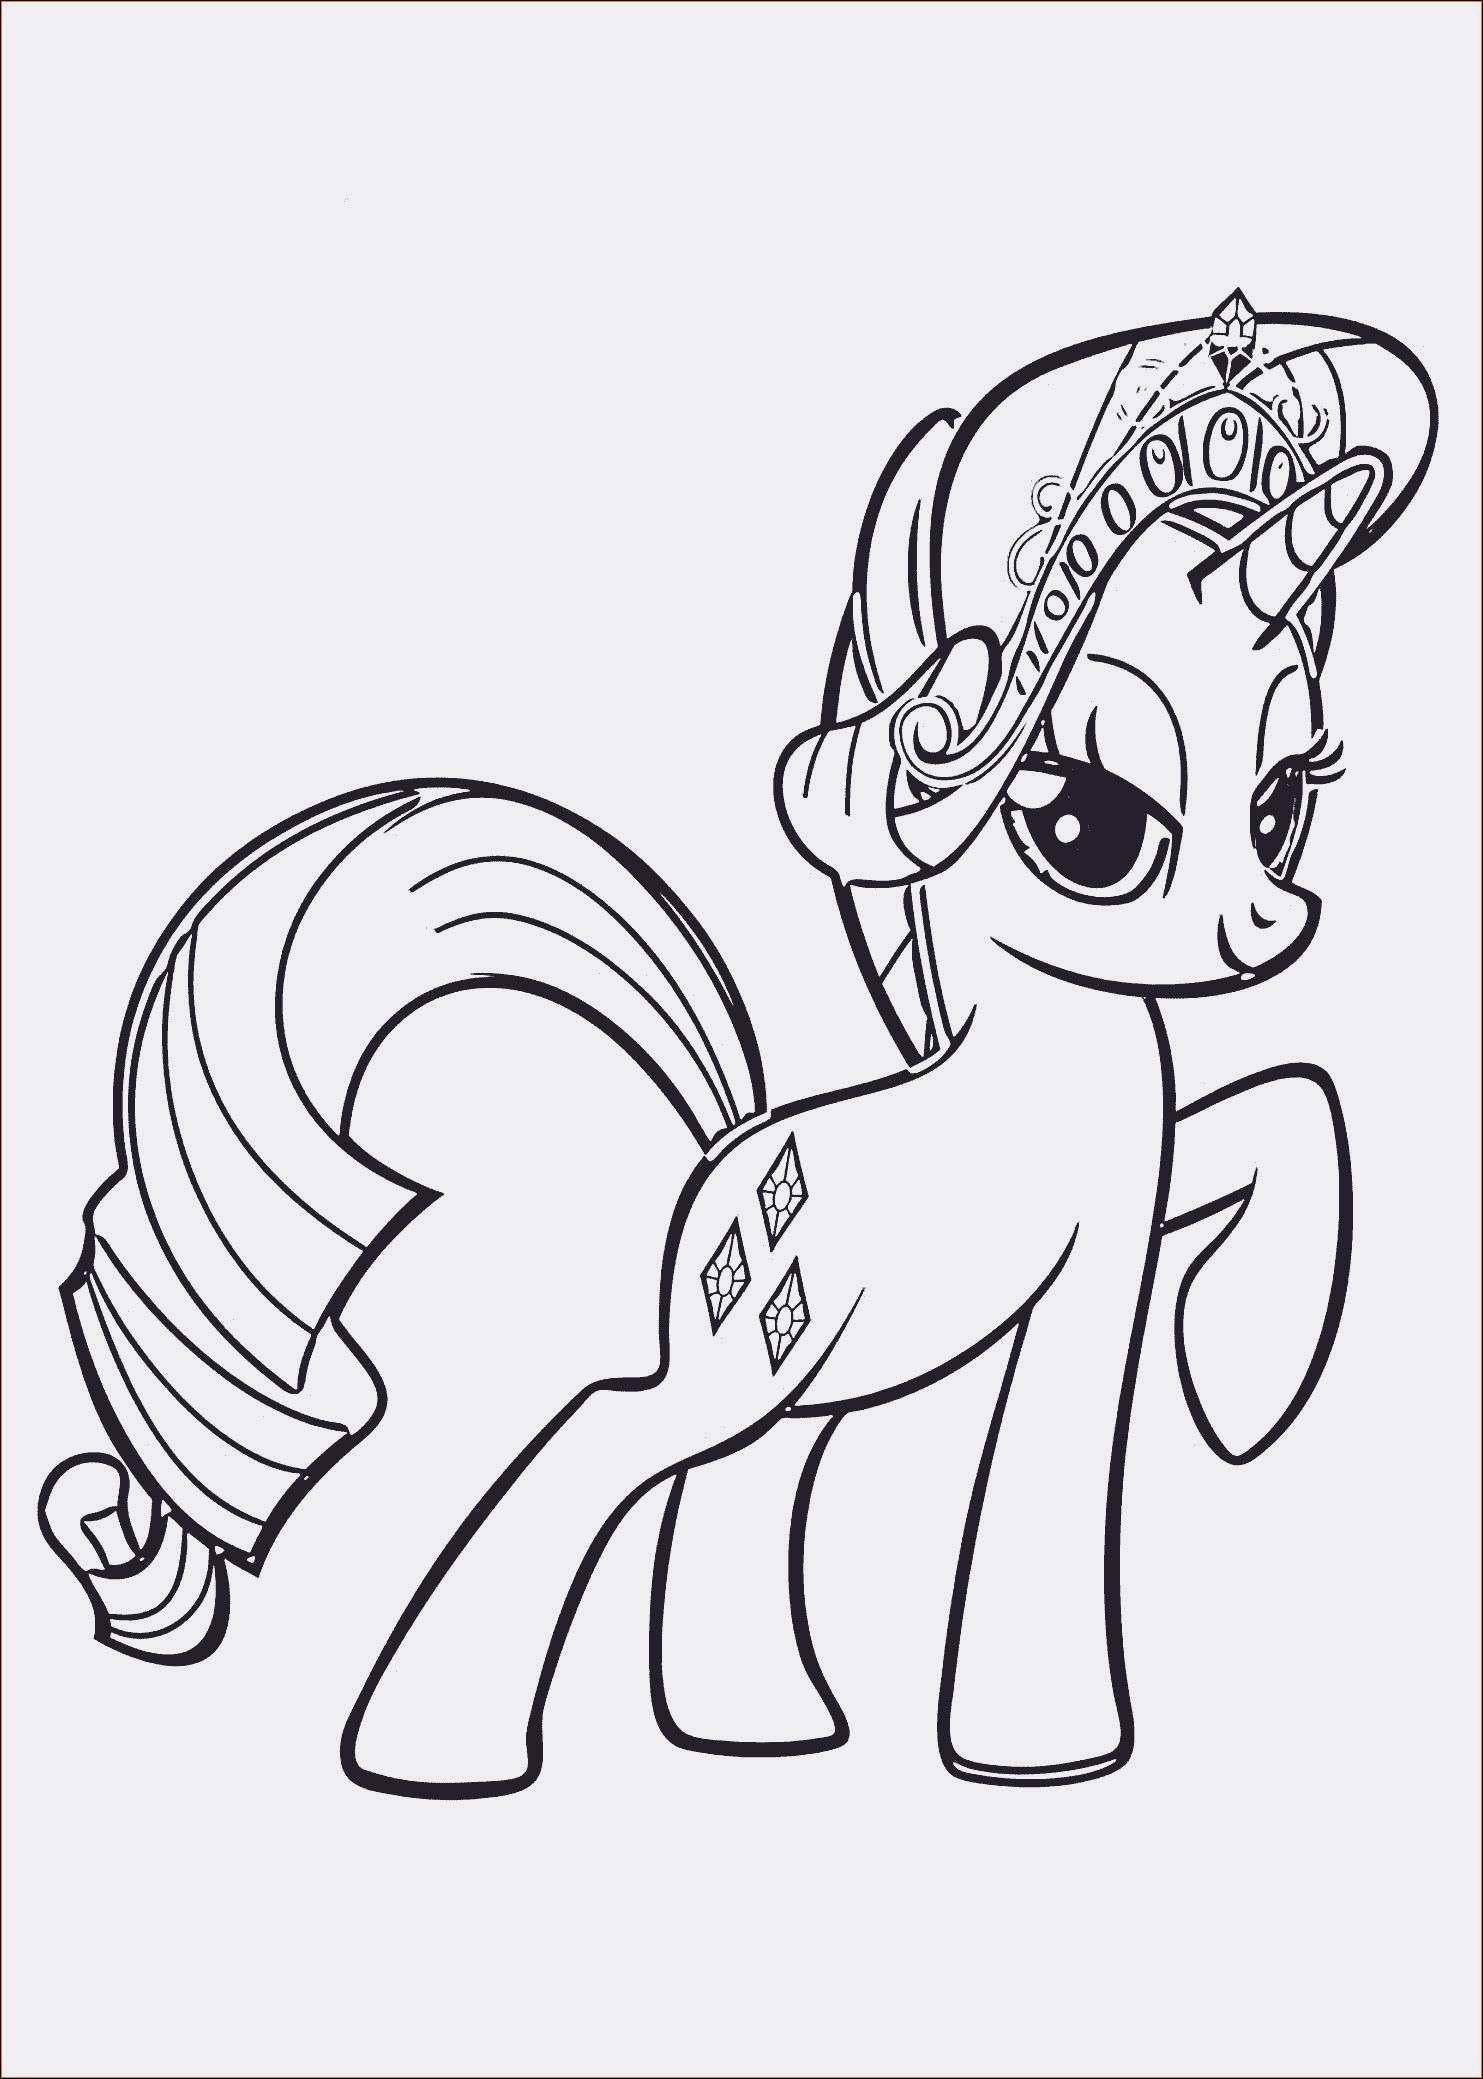 Ausmalbilder My Little Pony Applejack Das Beste Von 40 Ausmalbilder Equestria Girls Scoredatscore Schön Ausmalbilder My Bild